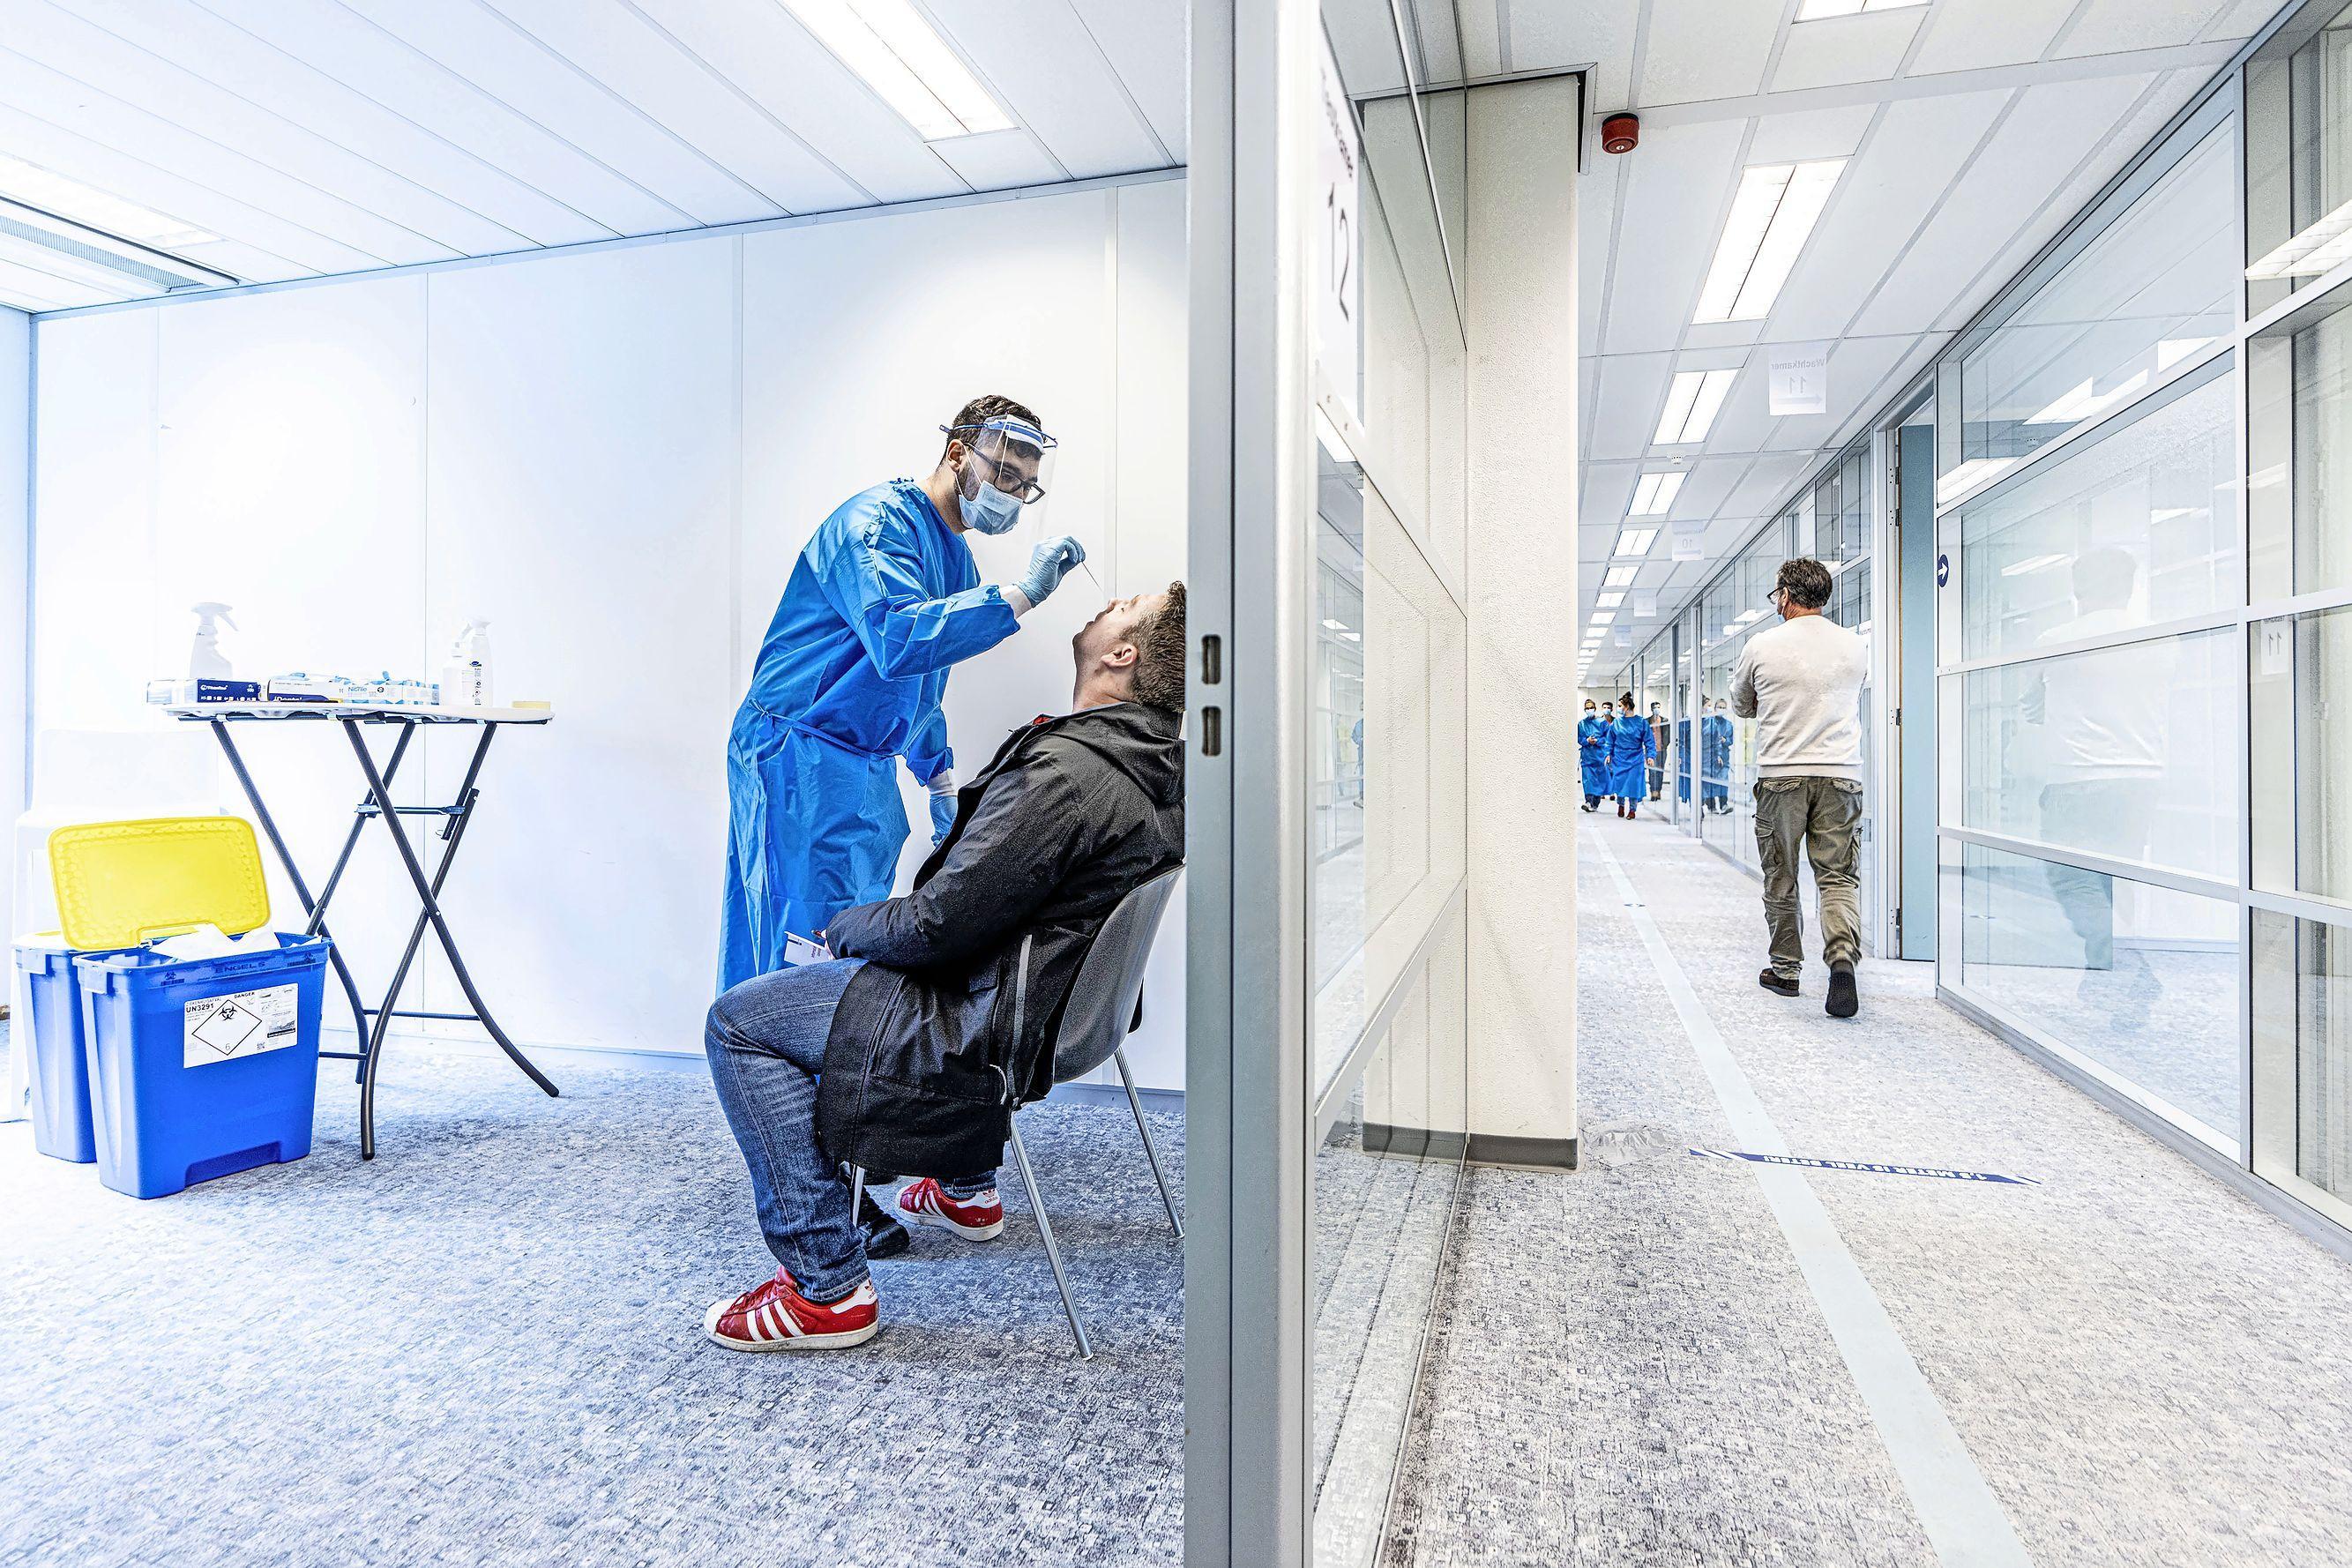 Besmettingen Hollands Midden in een vrije val, in Wassenaar verdubbeling corona